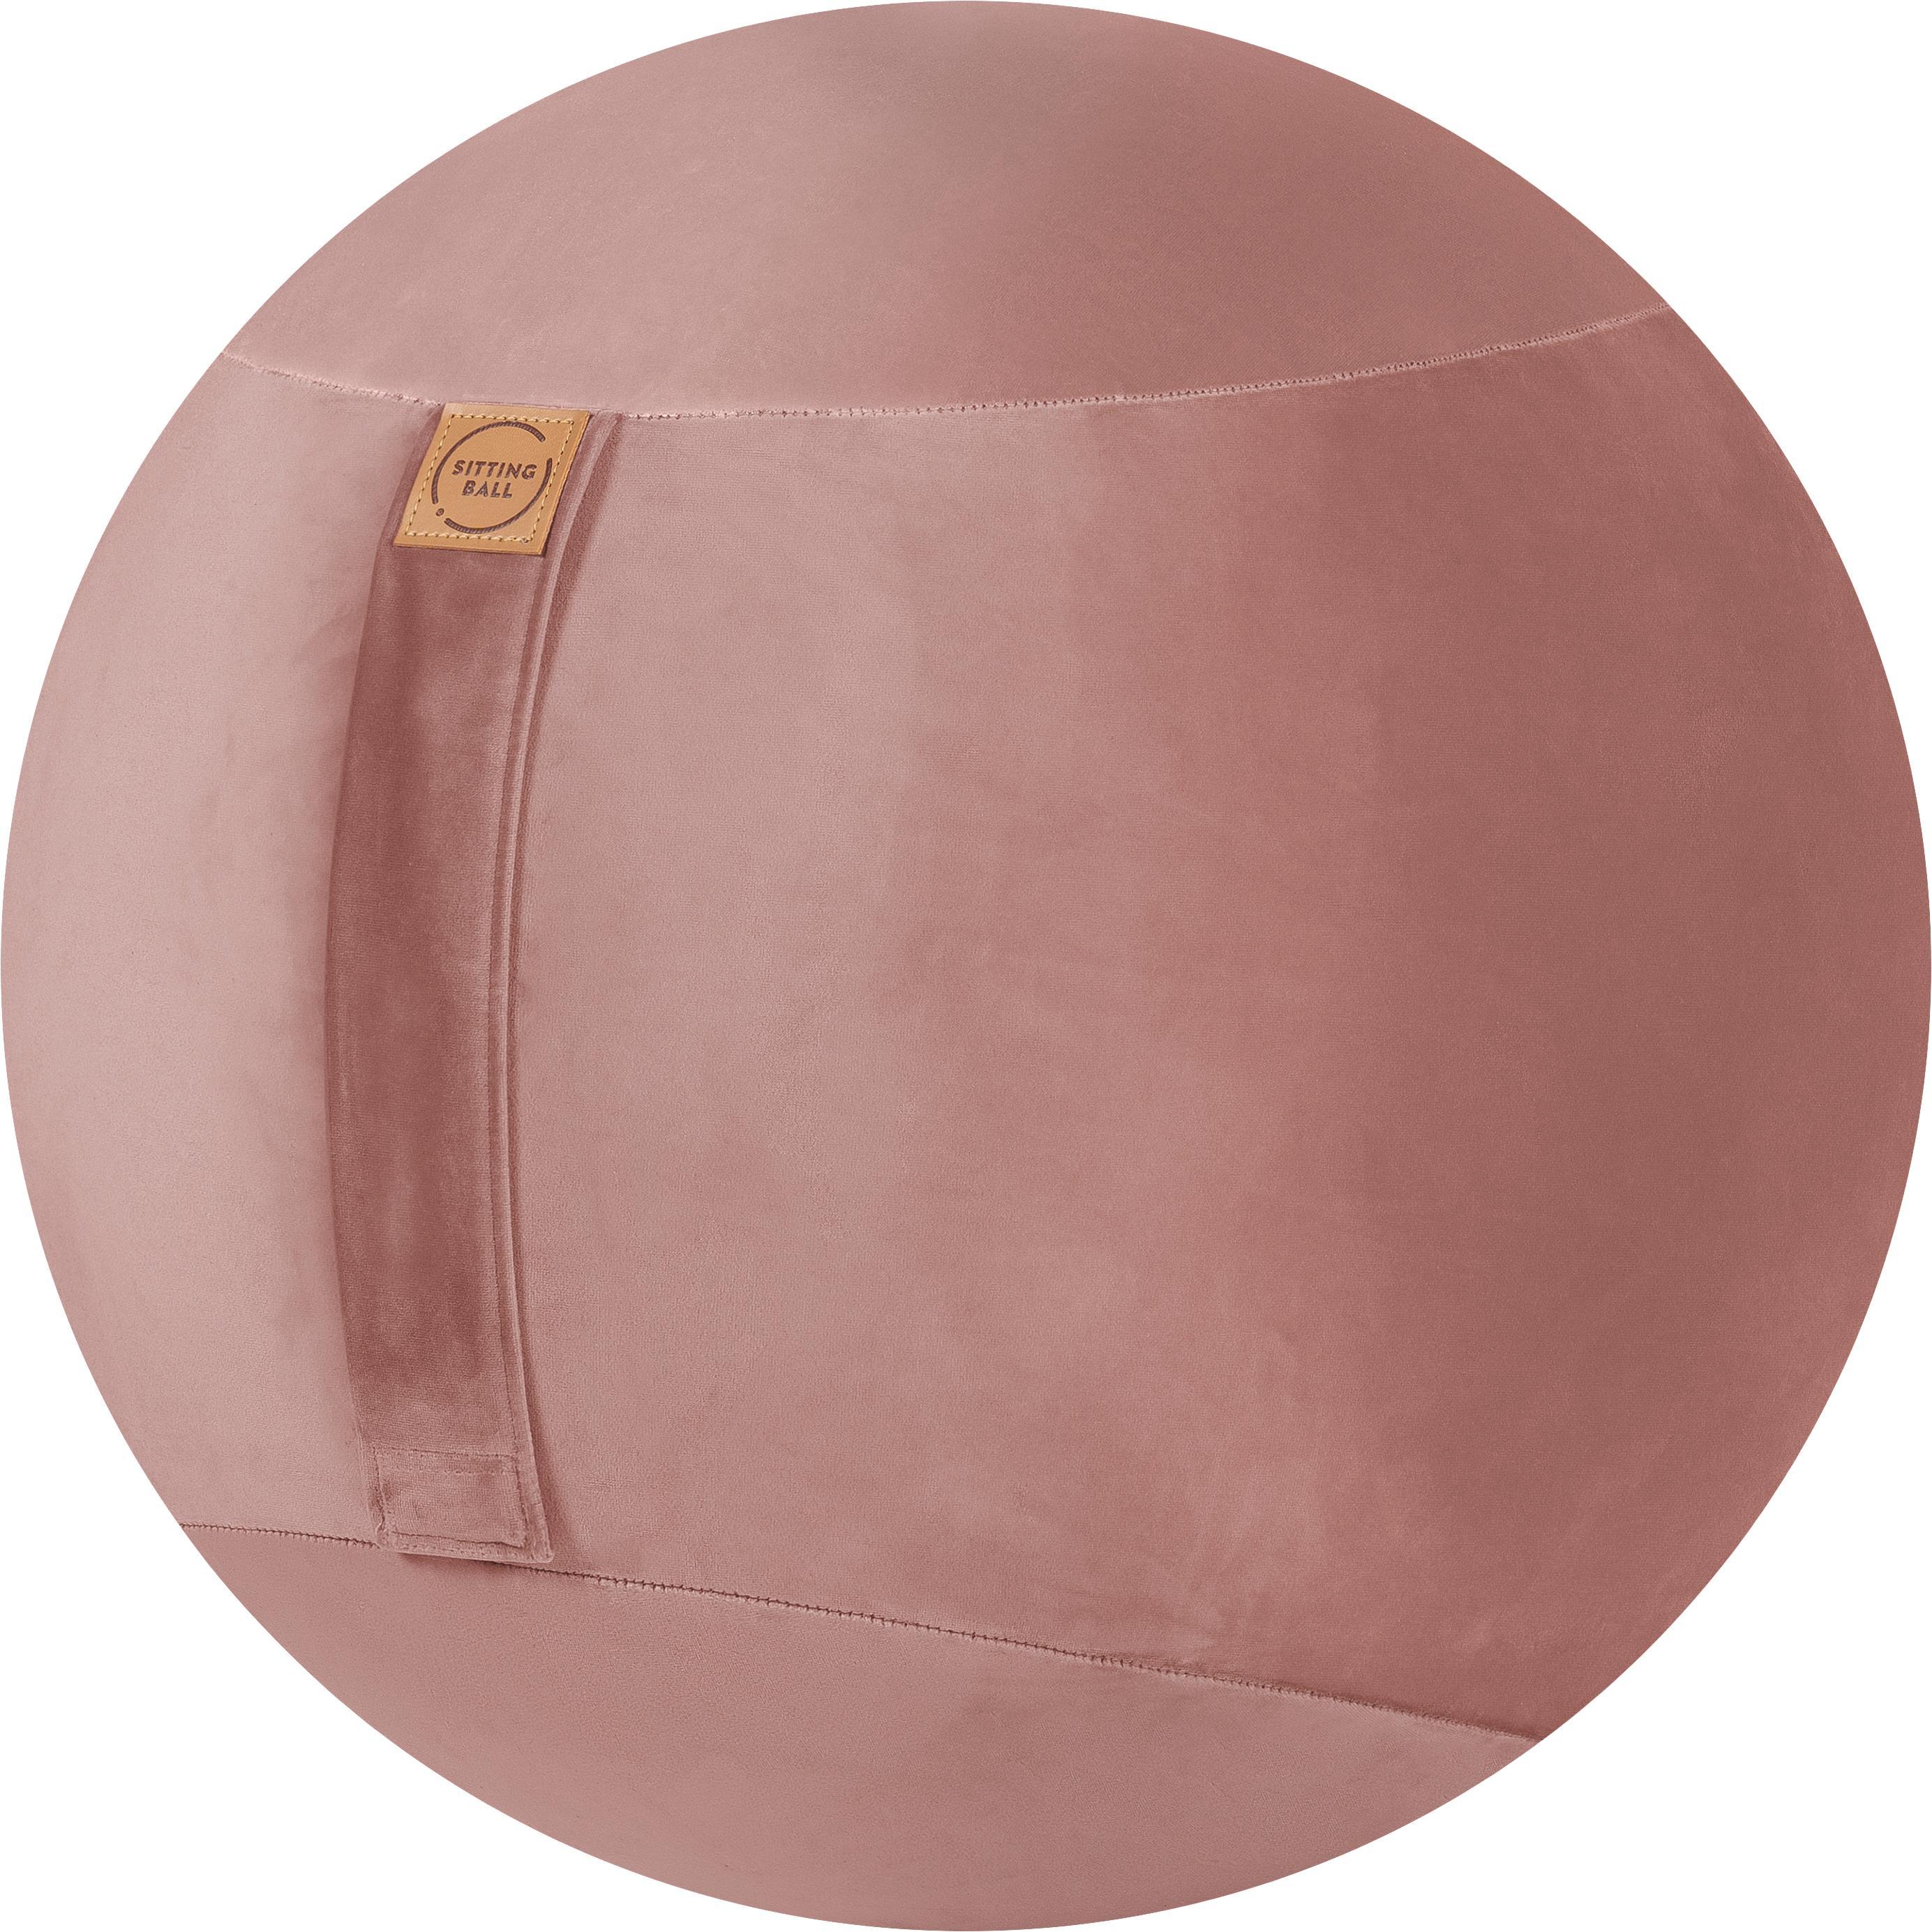 Fluwelen zitbal Velvet, Bekleding: polyester fluweel, Oudroze, Ø 65 cm